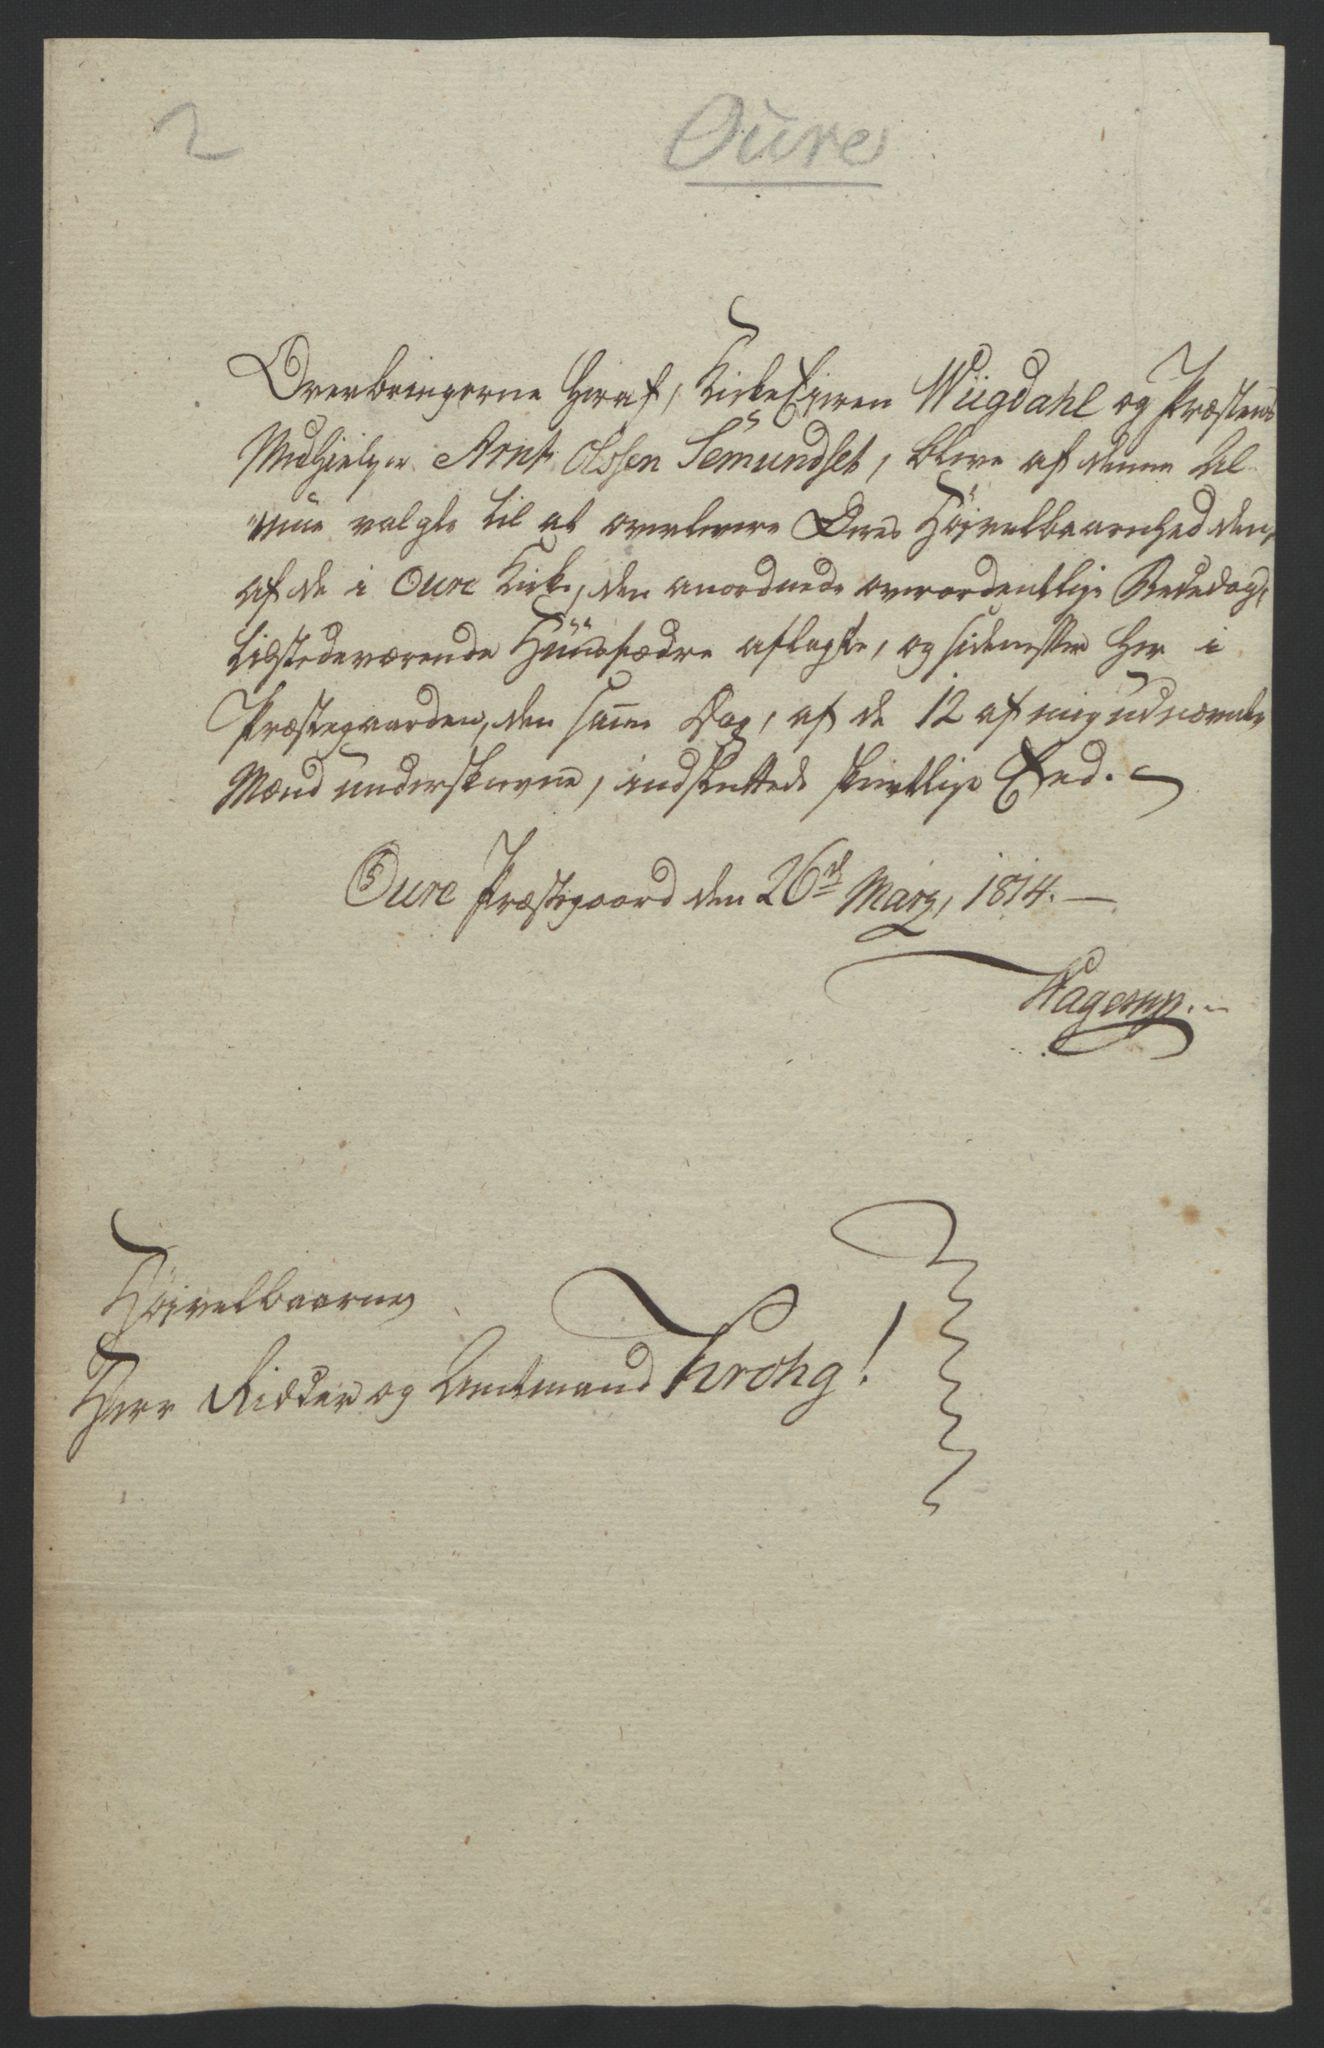 RA, Statsrådssekretariatet, D/Db/L0008: Fullmakter for Eidsvollsrepresentantene i 1814. , 1814, s. 359